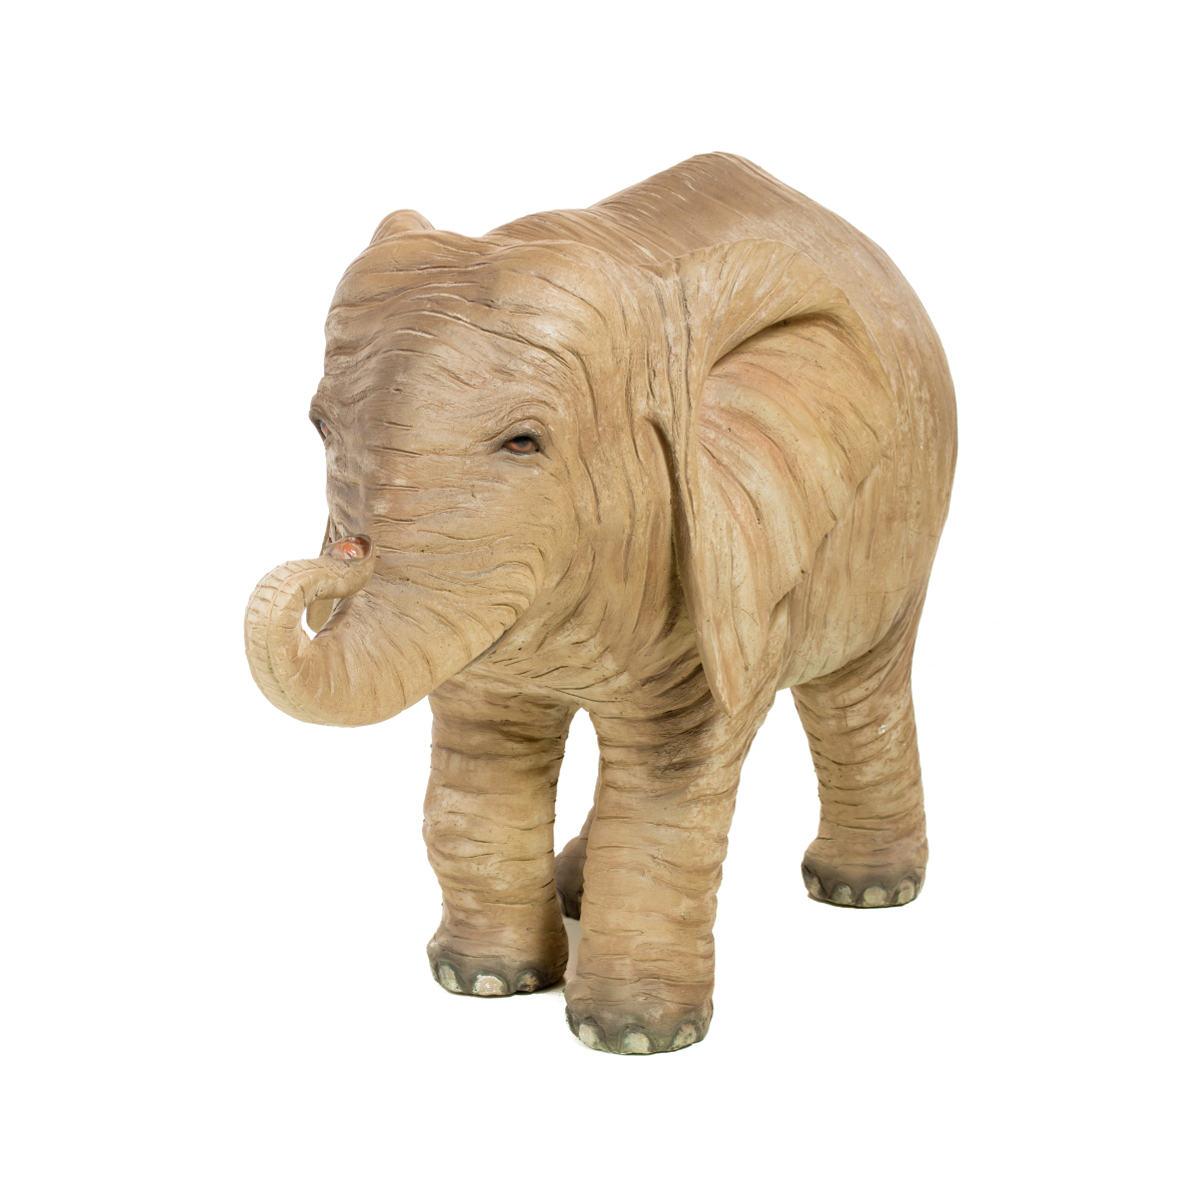 Life-Size Baby Elephant